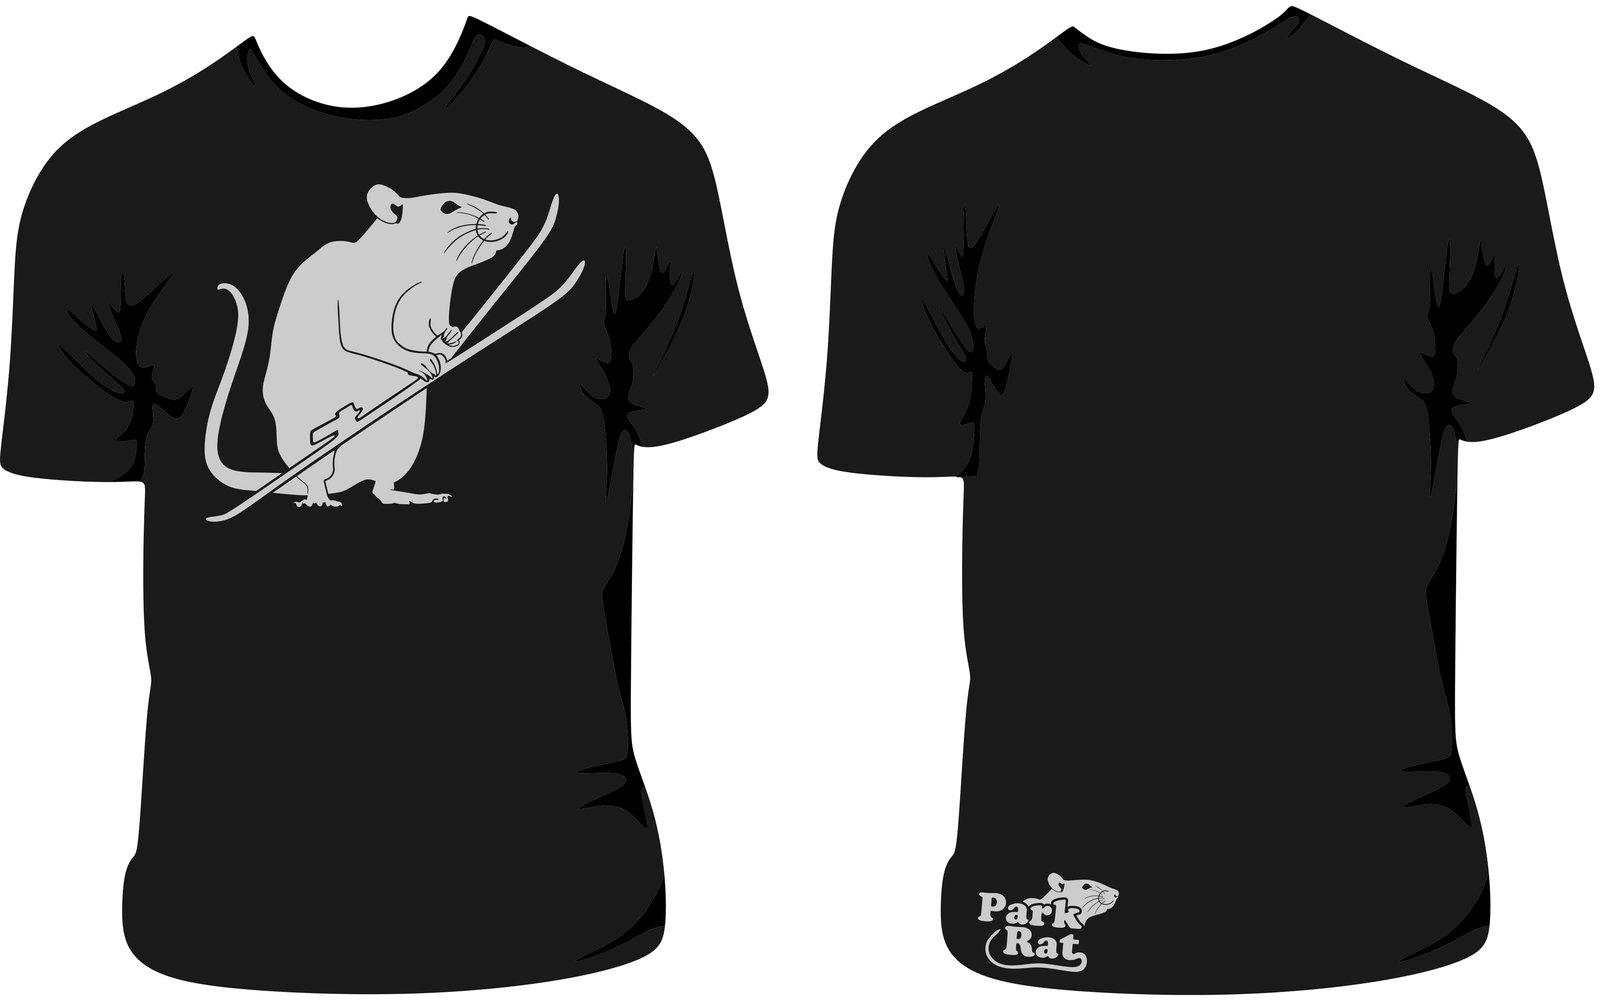 Park Rat Hiking T-Shirt.jpg